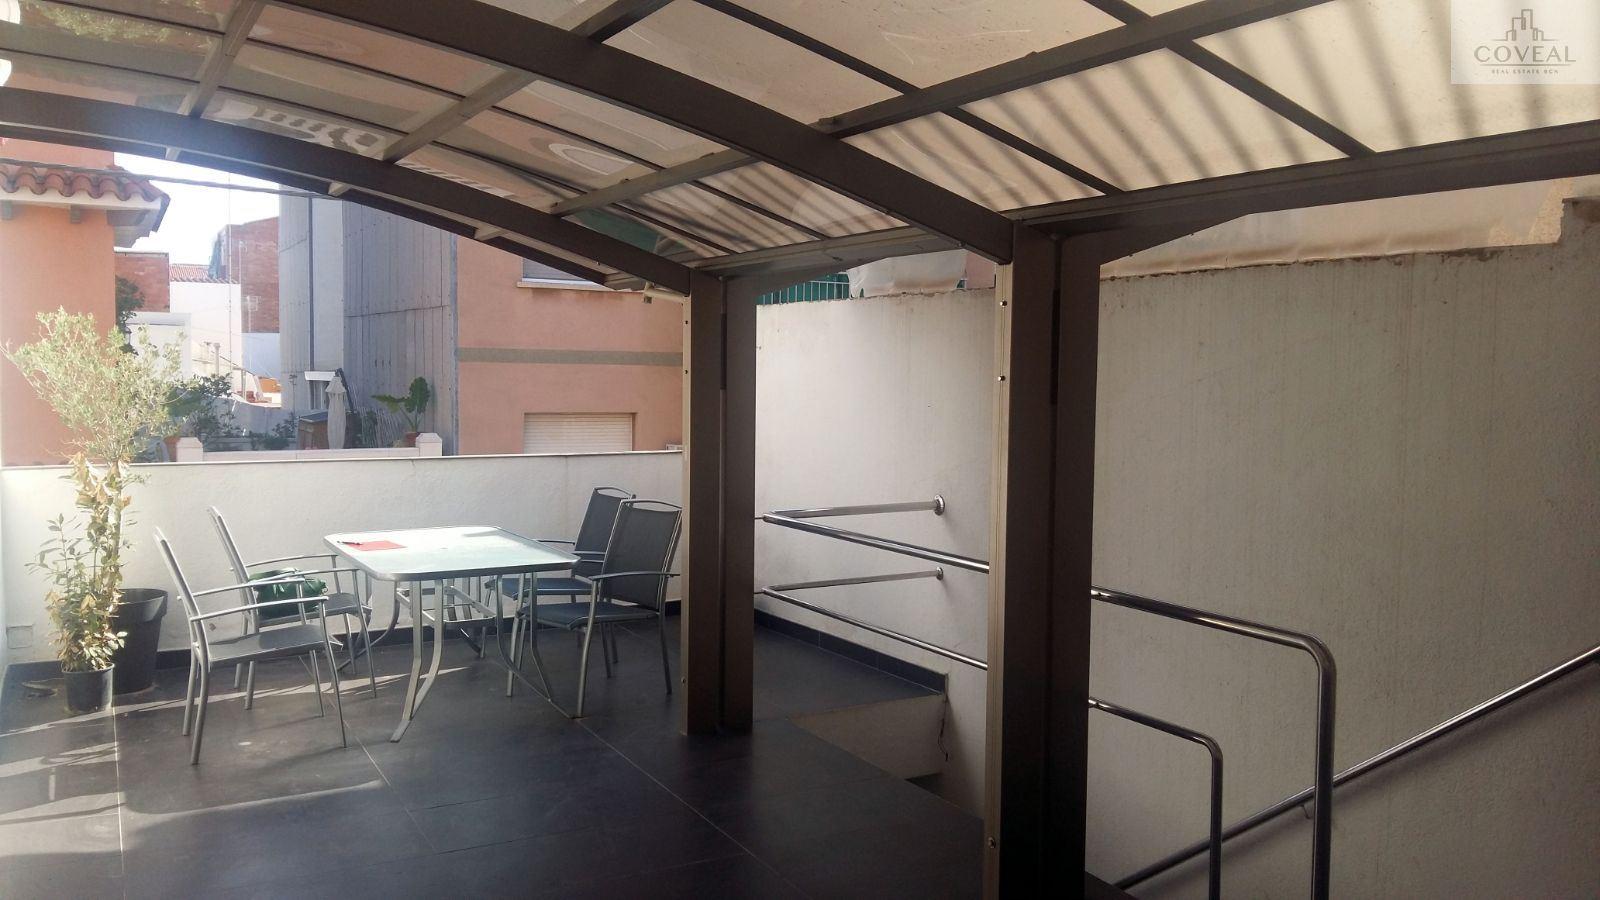 Casa con Local Comercial en Planta Baja situado en Premia de Mar